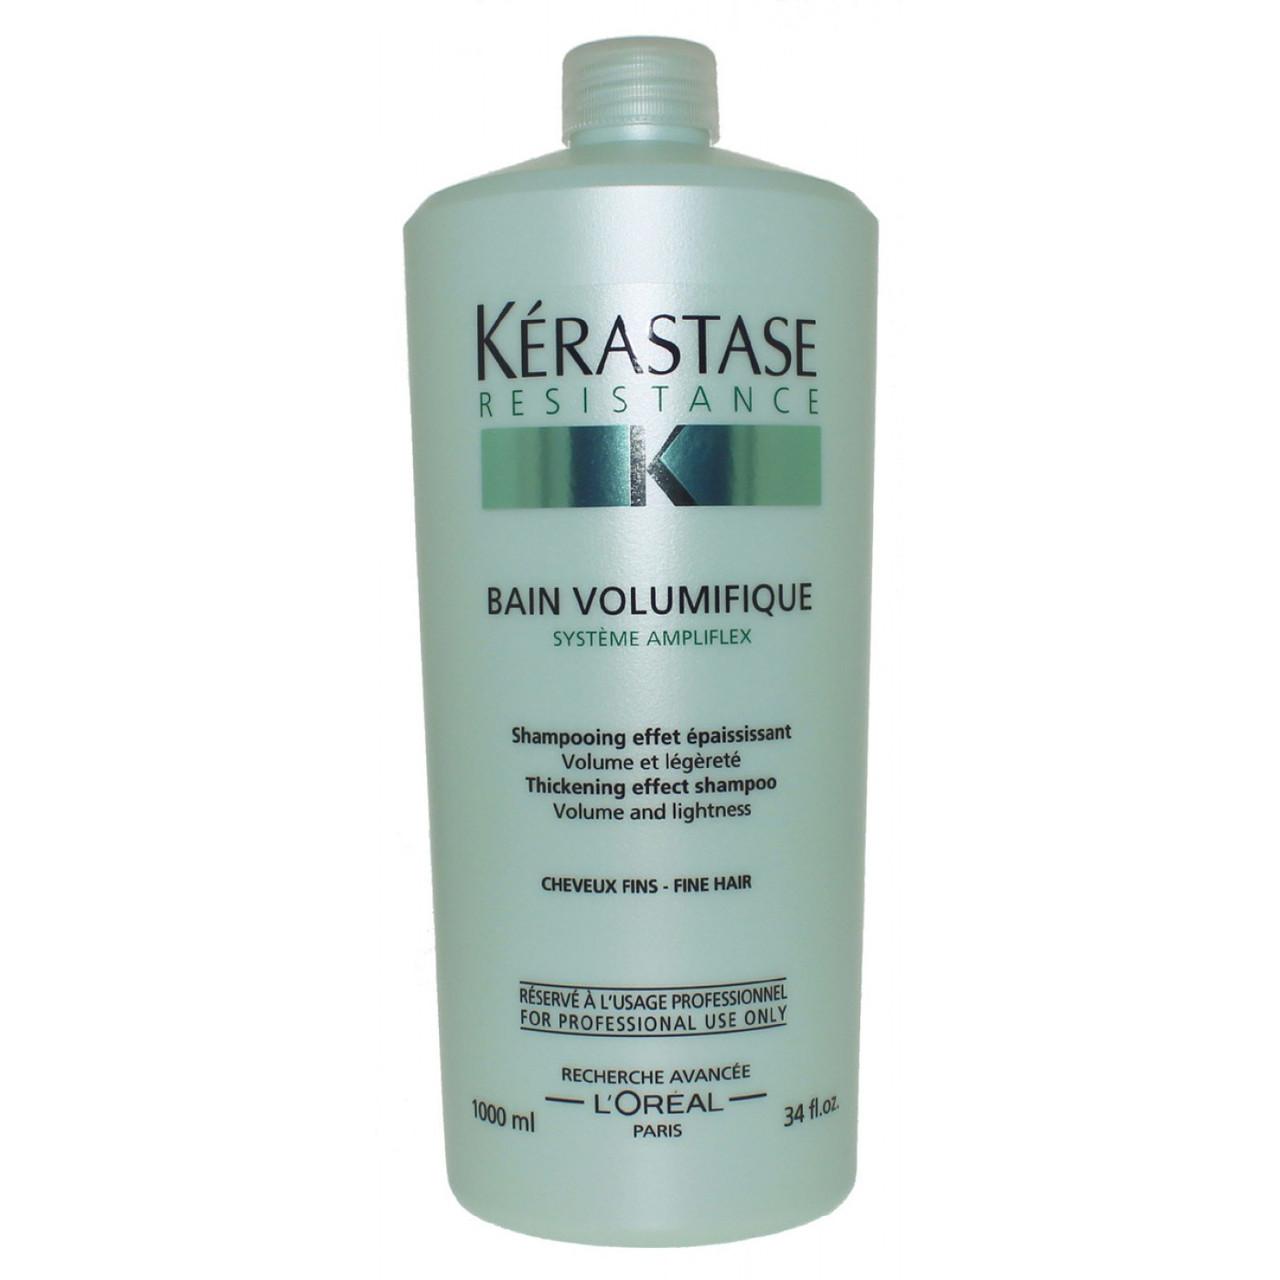 Укрепляющий шампунь для тонких волос 1000 мл Kerastase Resistance Bain Volumifique Shampoo For Fine Hair